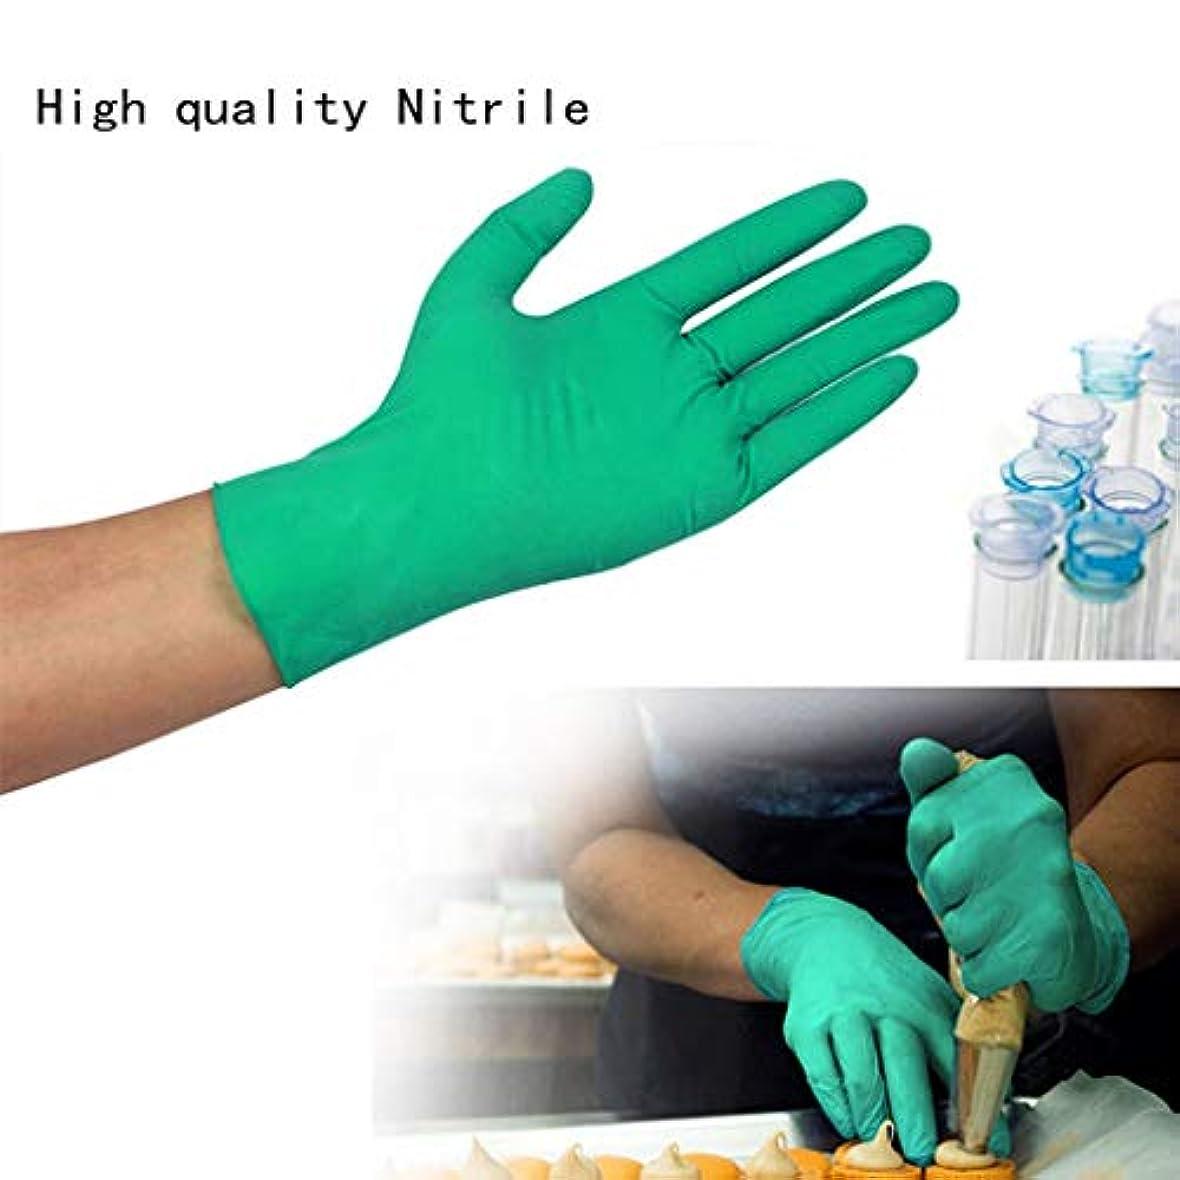 スケルトンアスリートのためにMittsニトリル手袋、パウダーフリー、ラテックスゴムフリー、使い捨て手袋 - 非滅菌、食品安全、医療用グレード、100PSの便利なディスペンサーパック、(追加強度)(S-L) (サイズ さいず : M m)